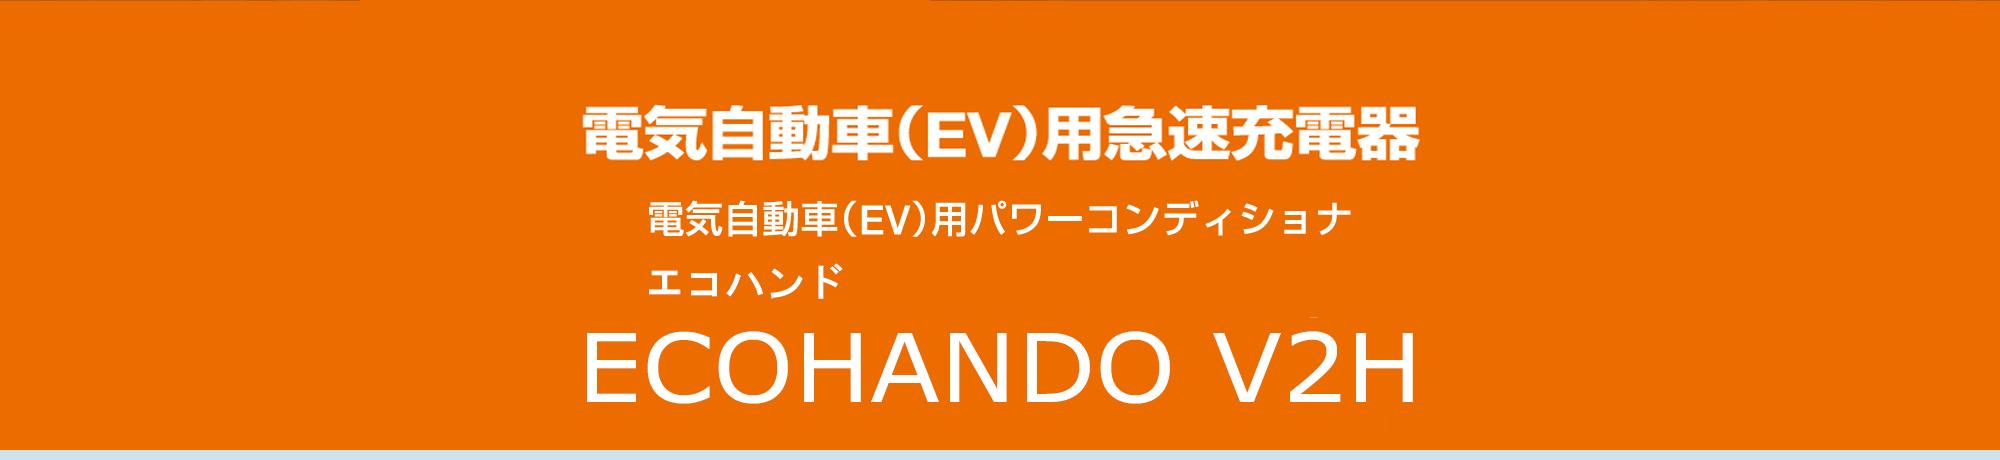 電気自動車(EV)用急速充電器 エコハンド